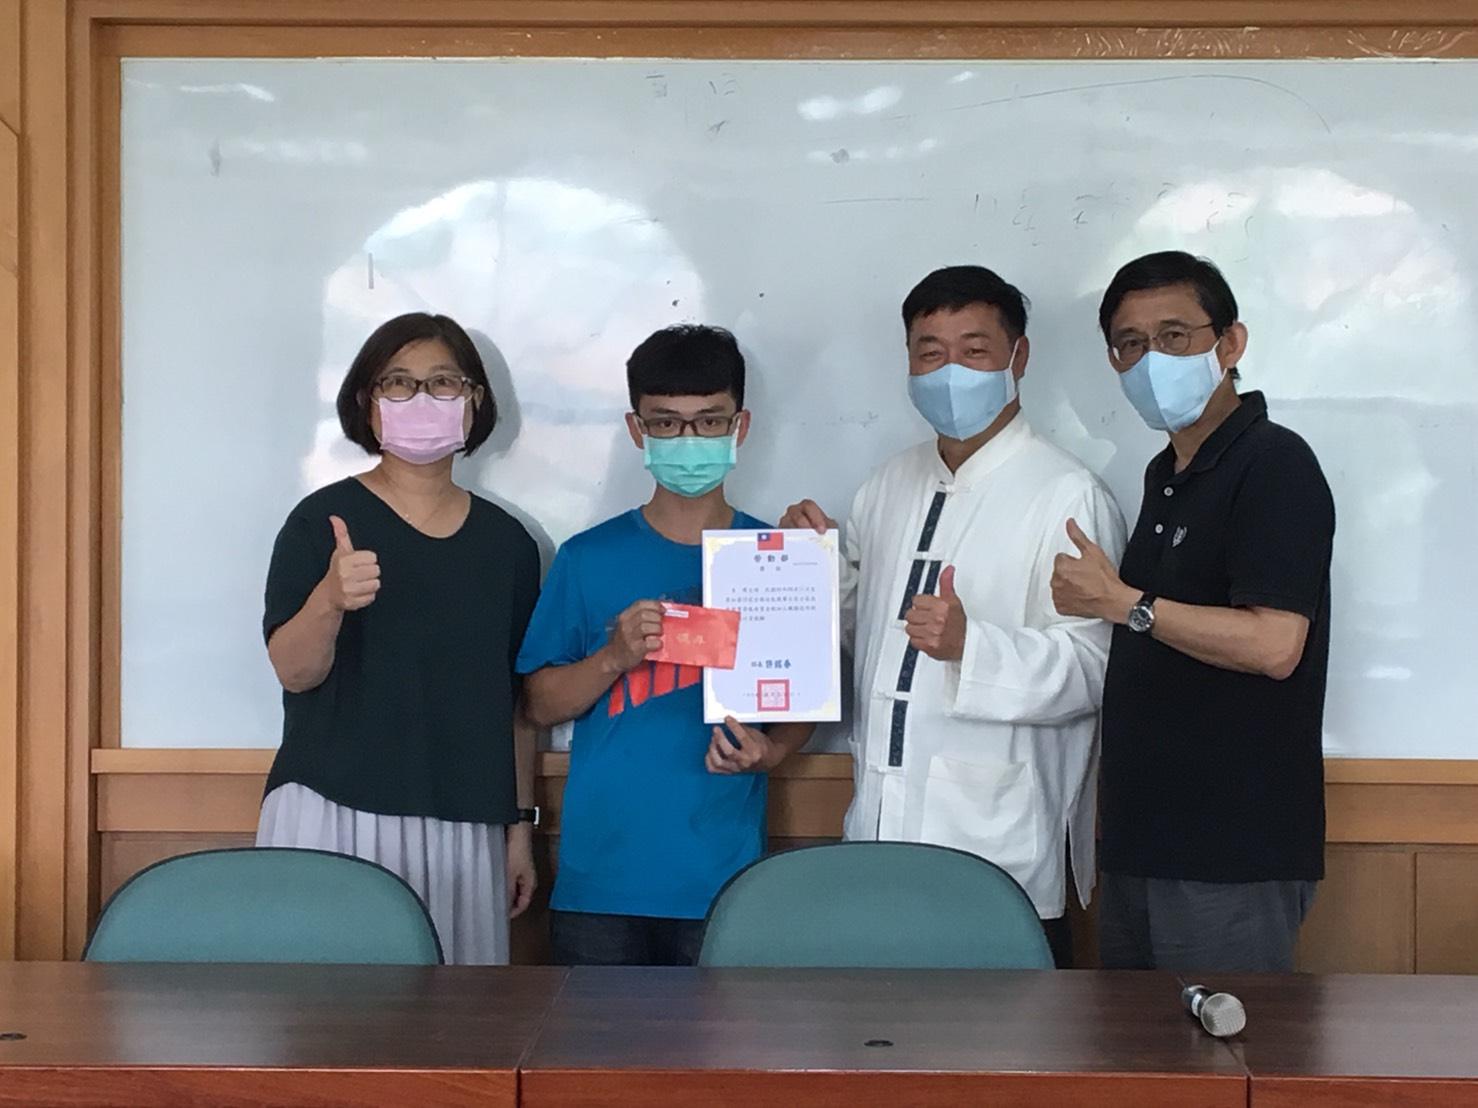 恭賀!景文科技大學 全國技能競賽英雄榜!!